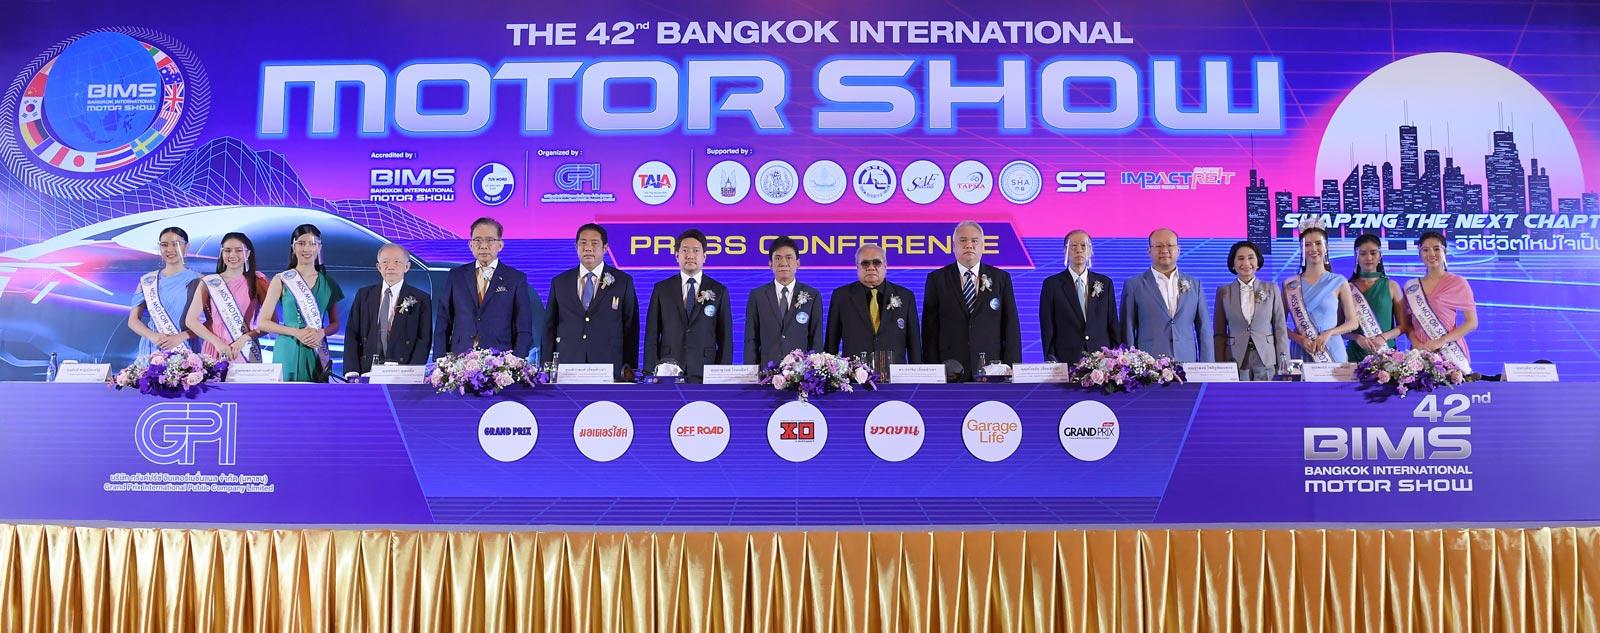 Panel of participats at the Bangkok International Motor Show